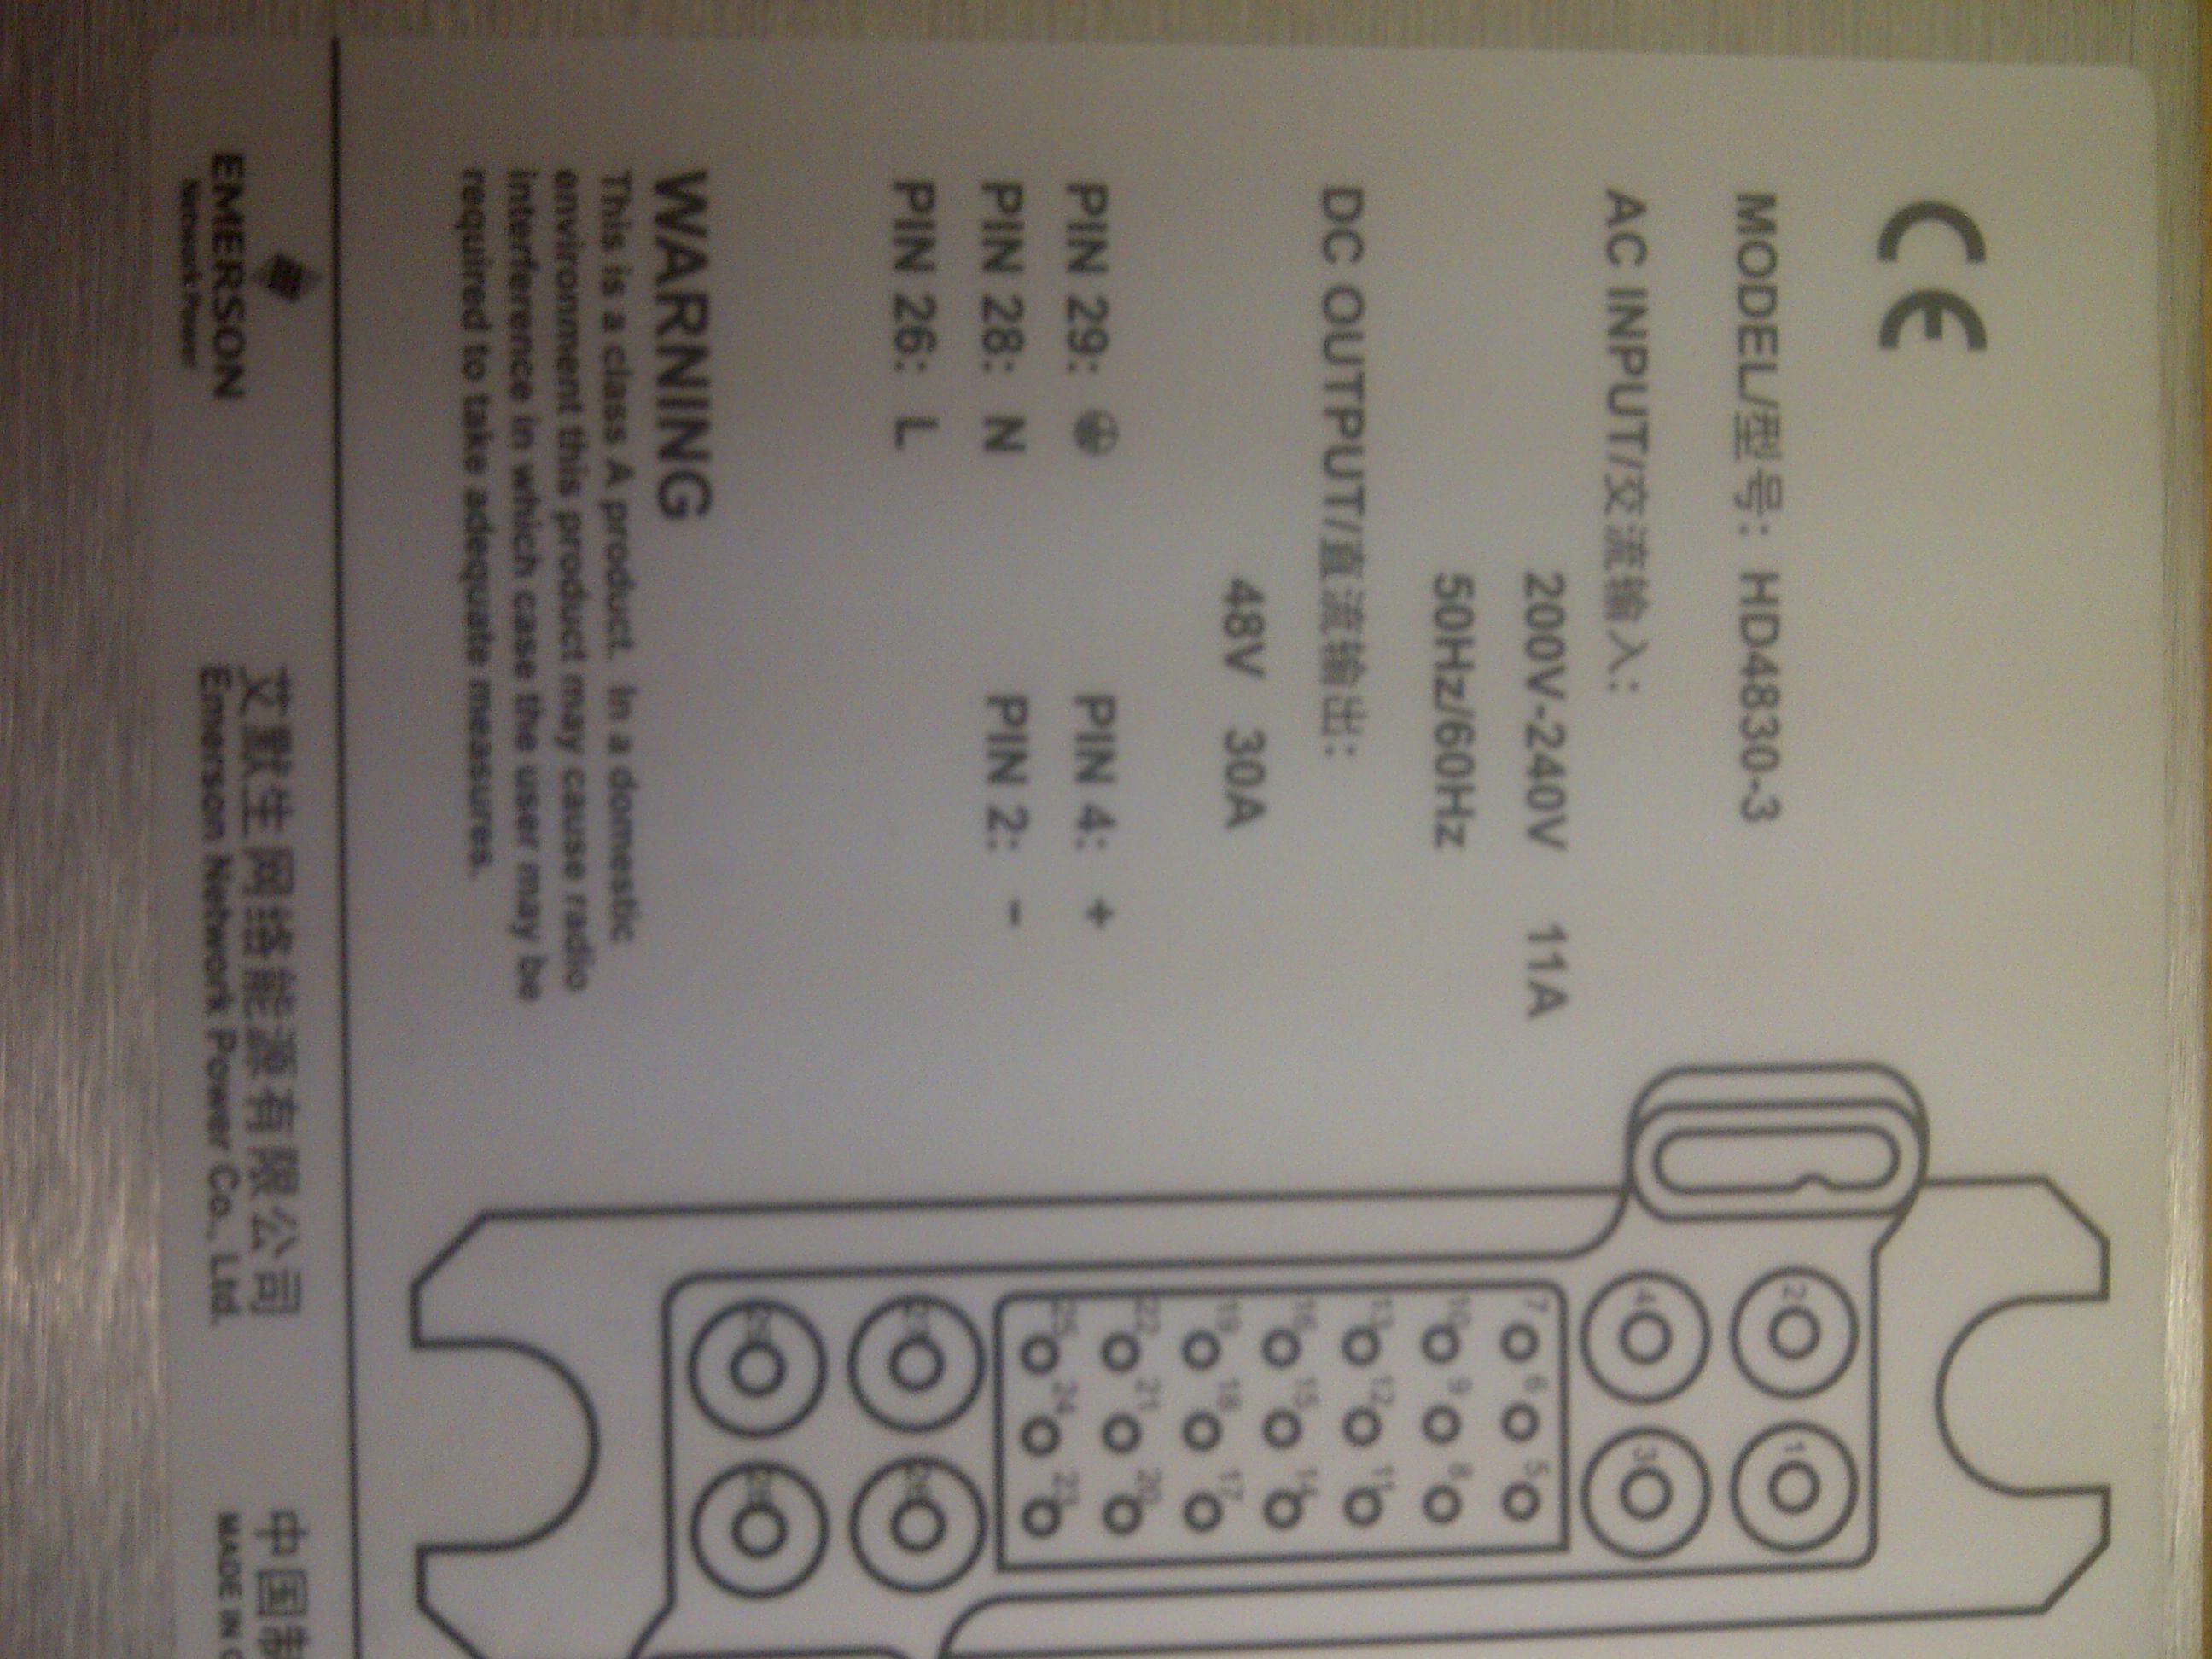 Wireless Classifieds New Emerson Rectifier Module Hd4830 3